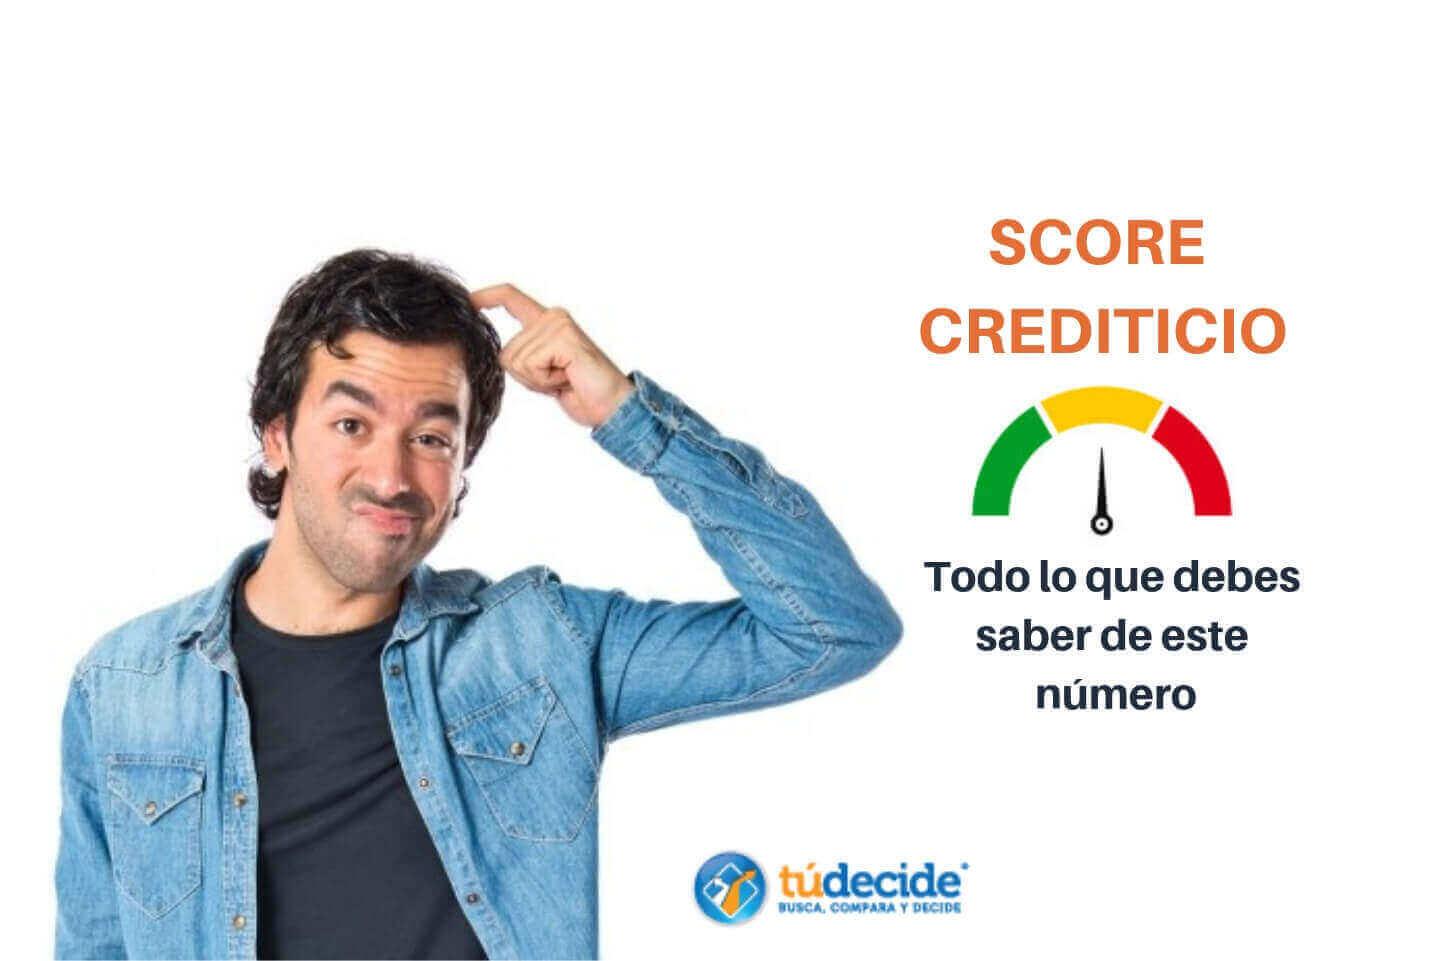 Score Crediticio